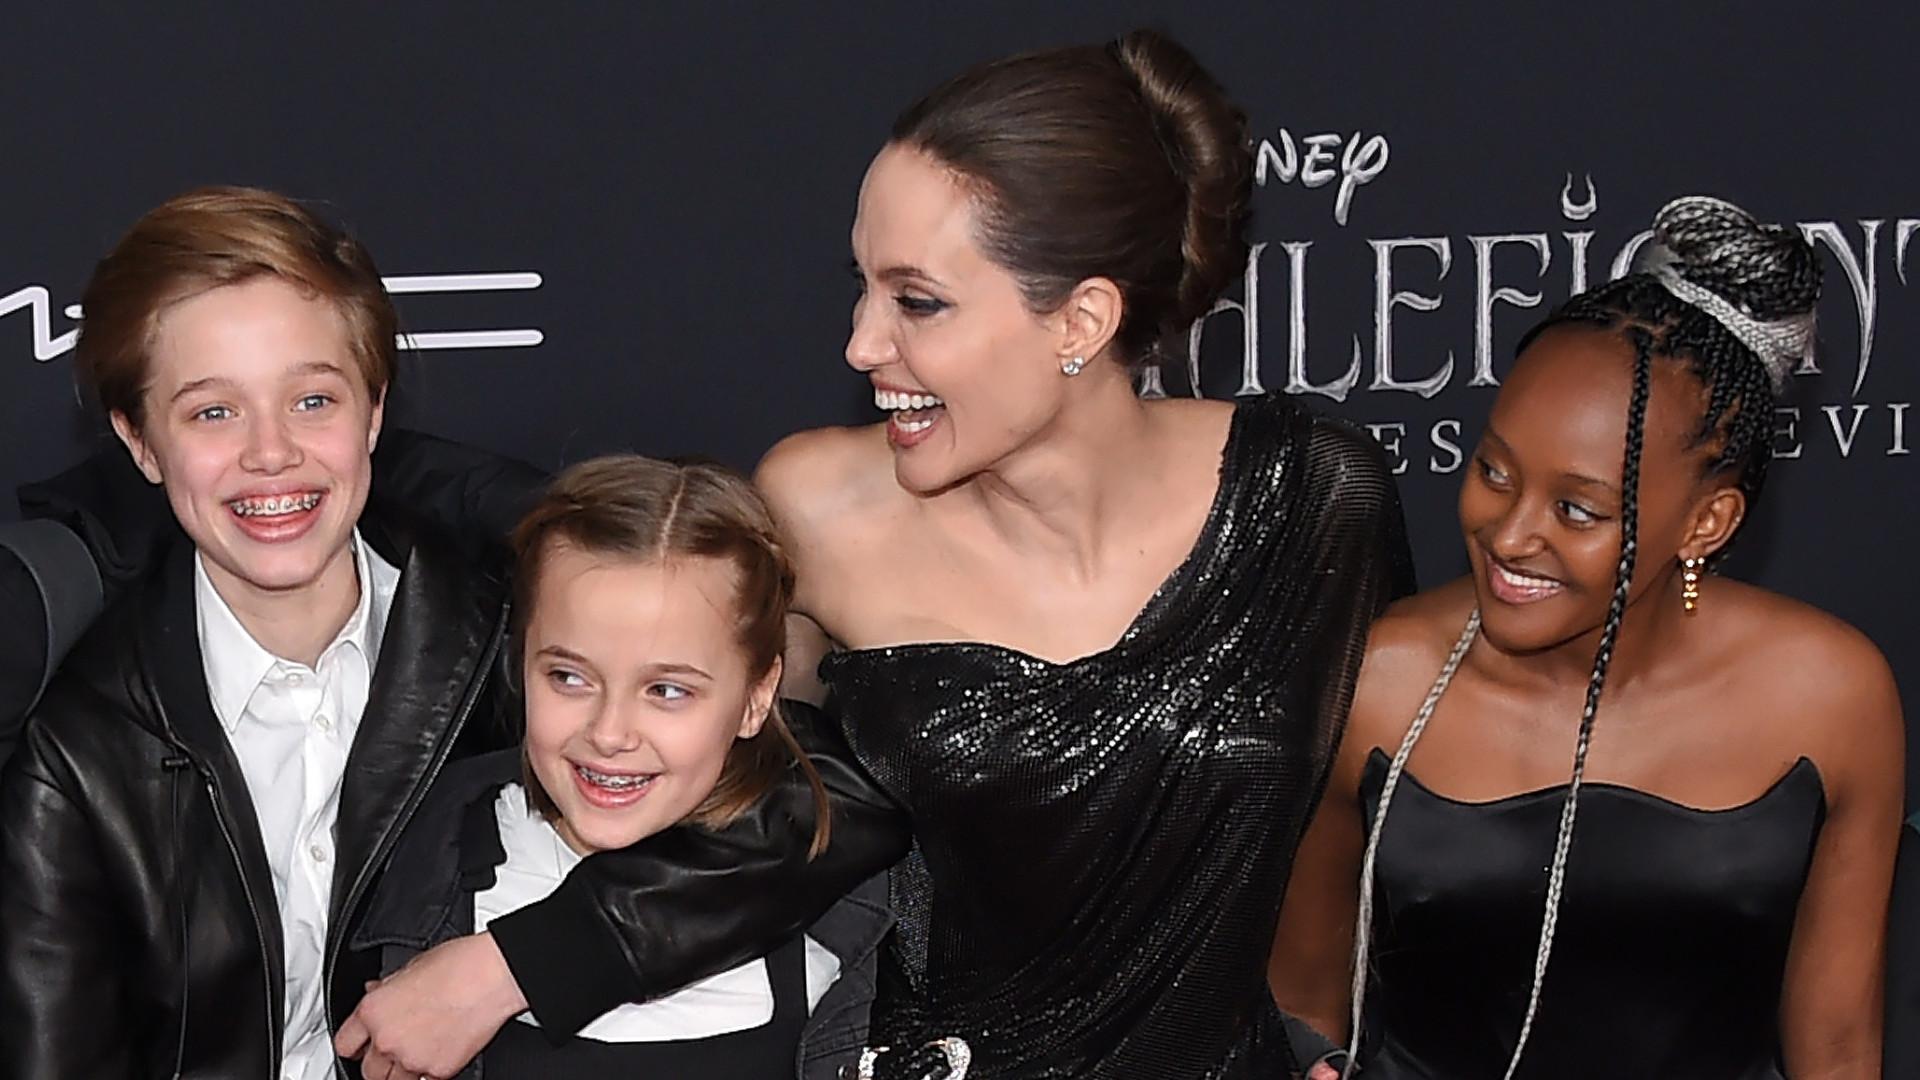 Ależ urośli! Angelina Jolie z piątką swoich dzieci na premierze Czarownicy 2 (ZDJĘCIA)